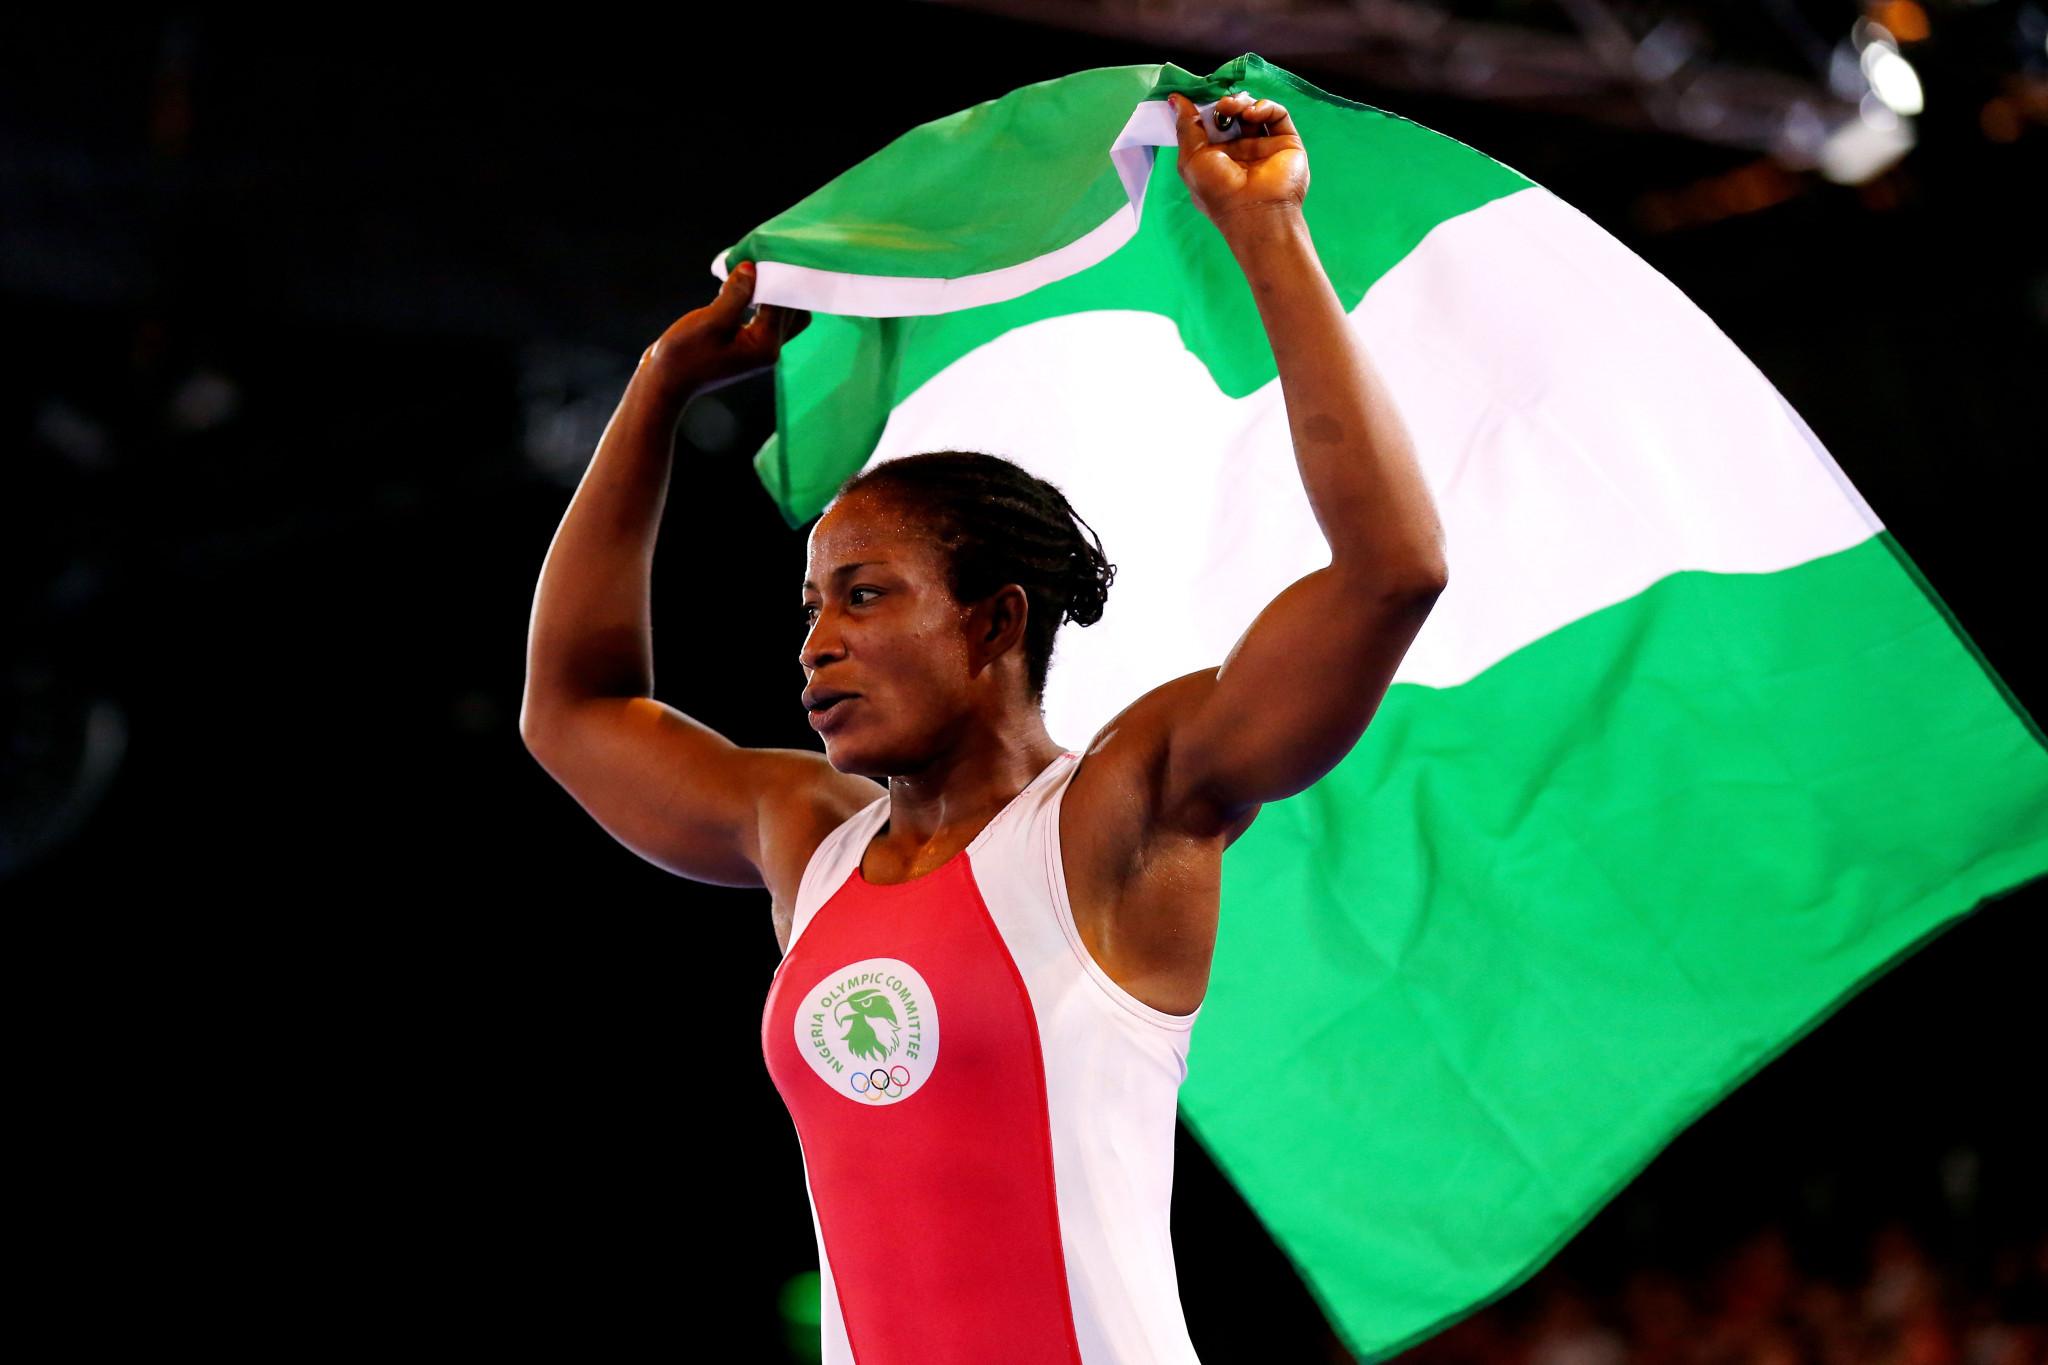 Nigerian wrestlers in Gold Coast 2018 boycott threat